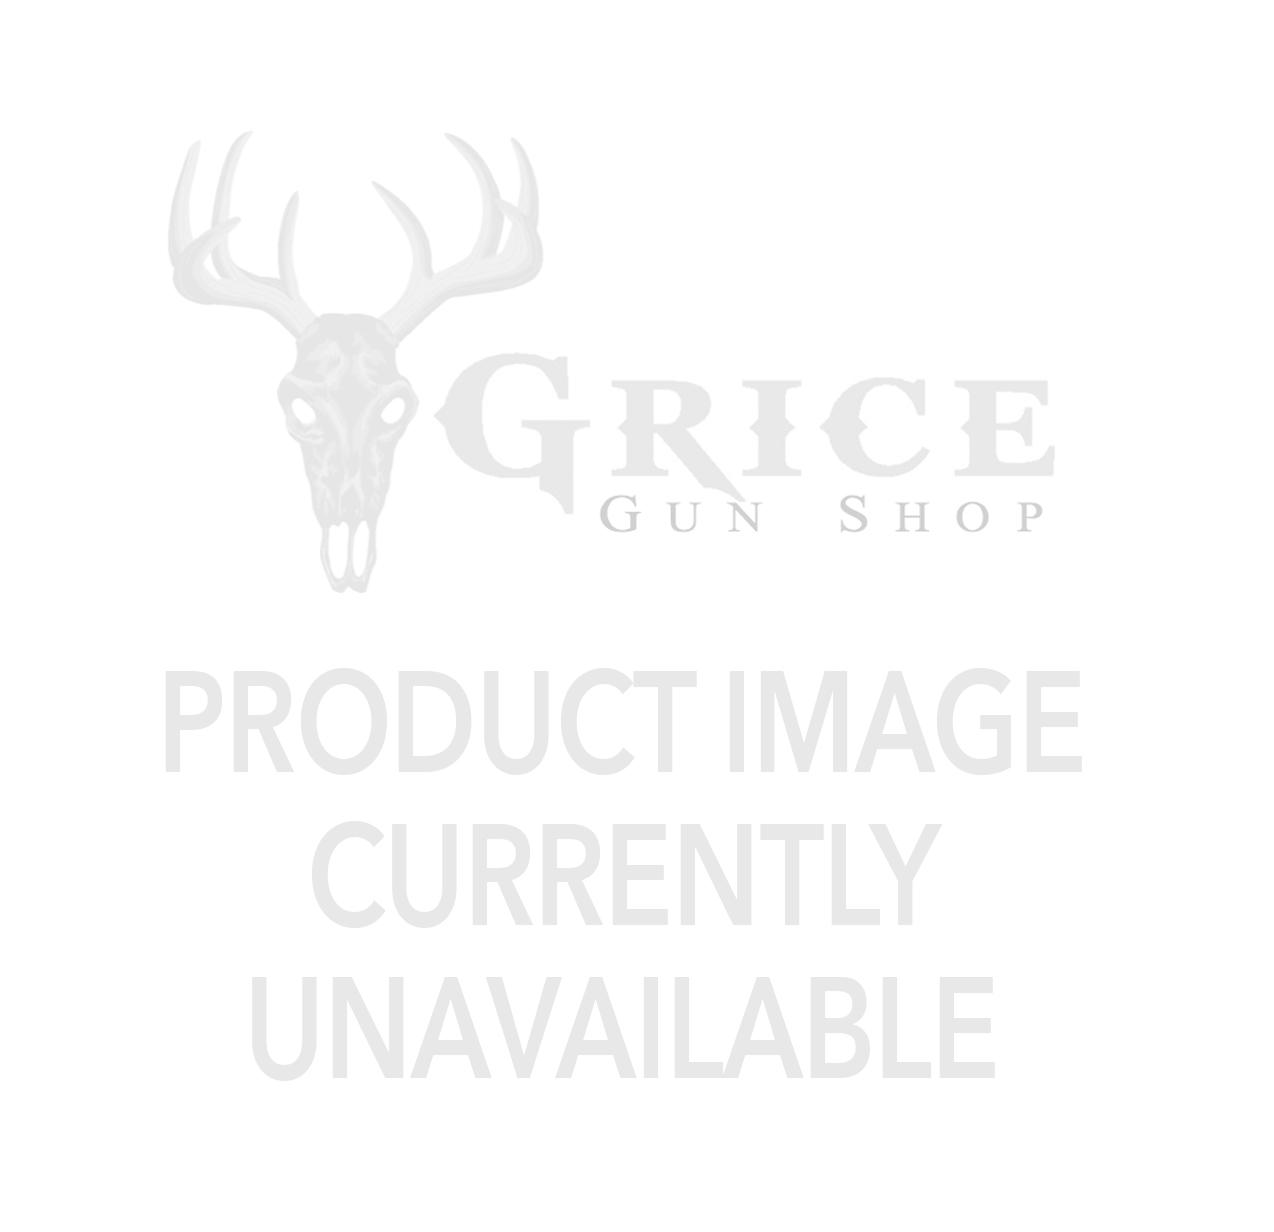 Mossberg - MC-1 Centennial Limited Edition 9MM